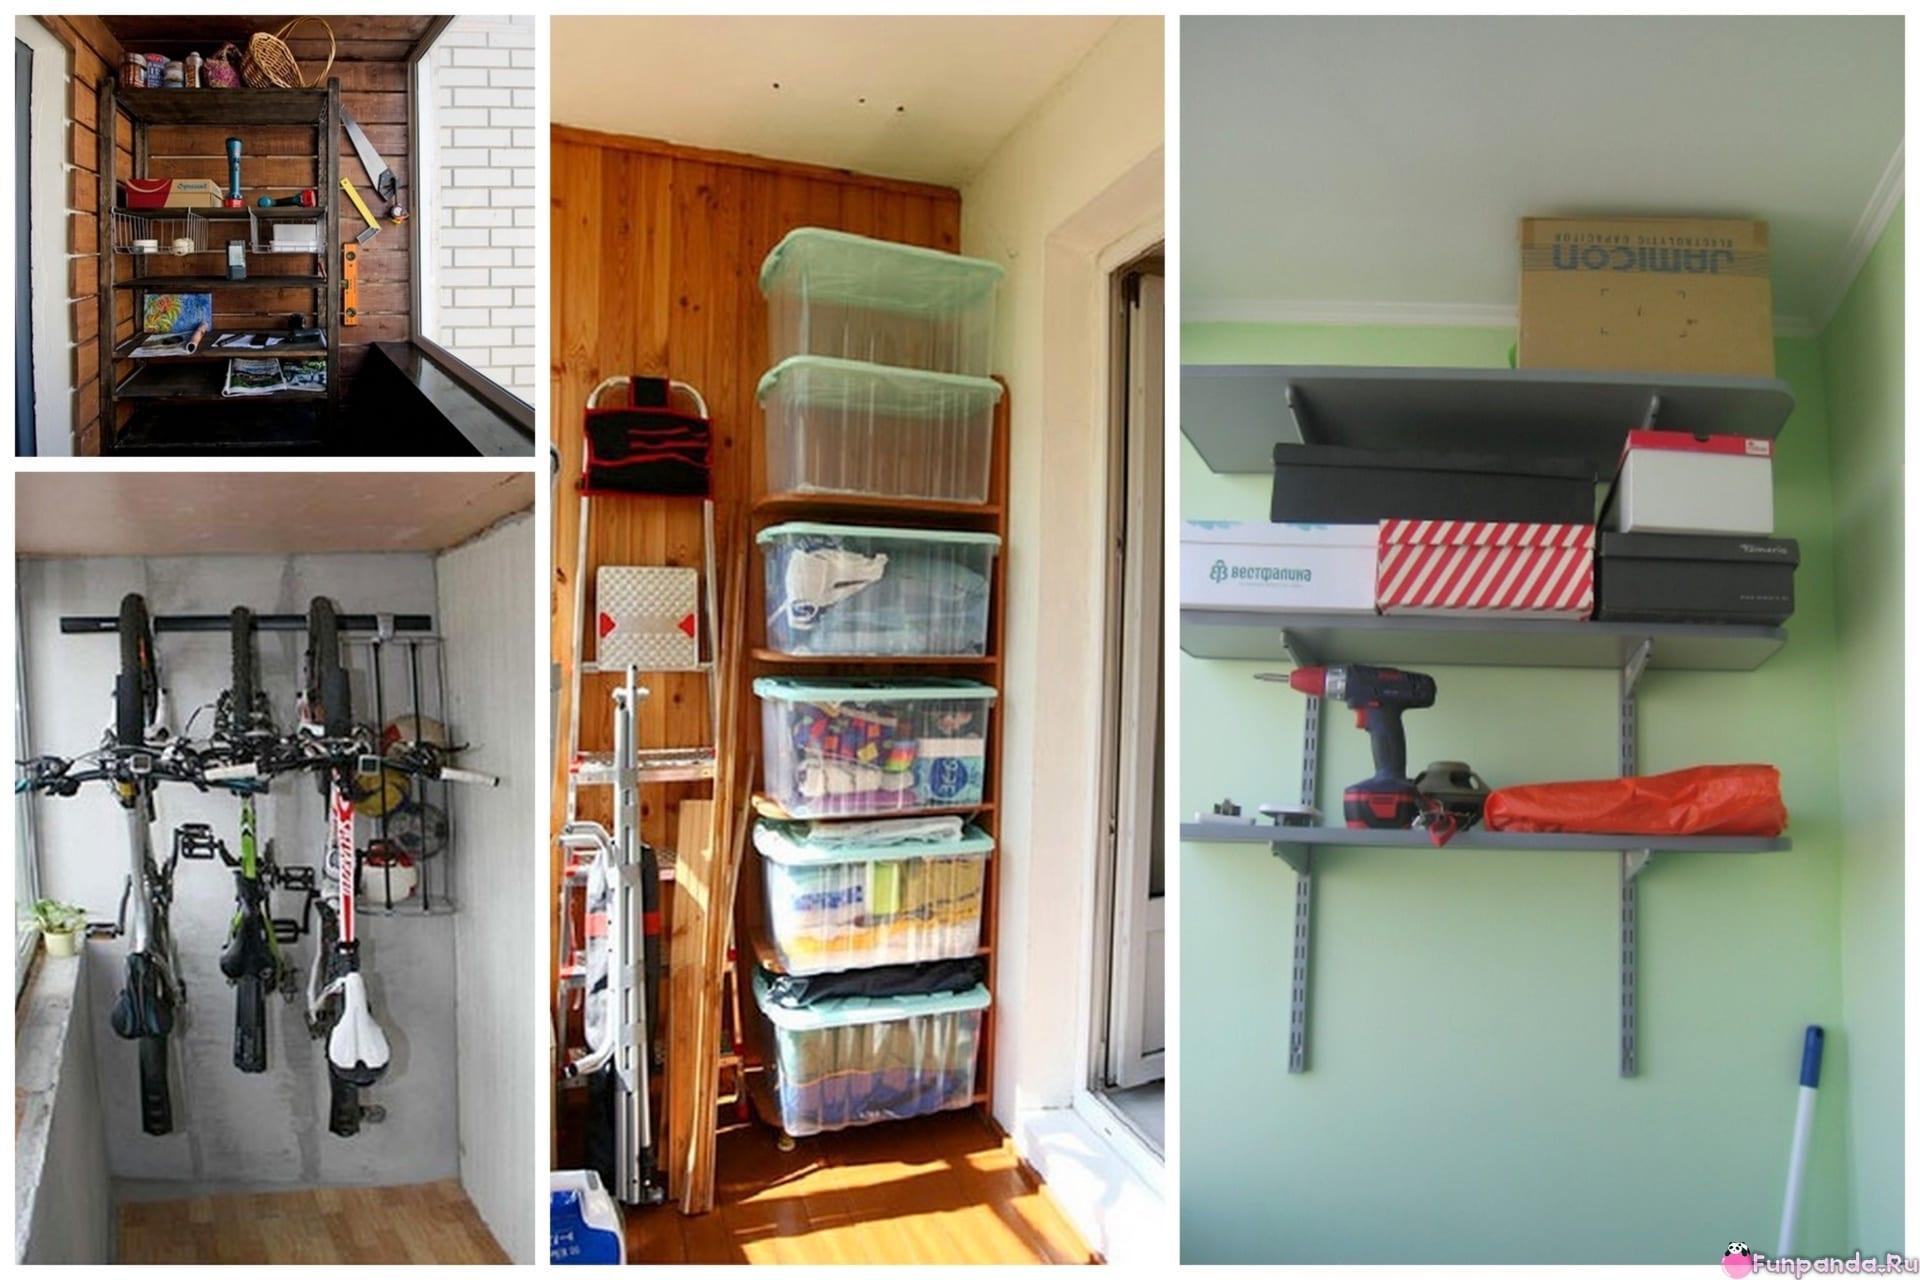 Кладовая на кухне: идеи для организации домашней кладовой (50 фото) | современные и модные кухни